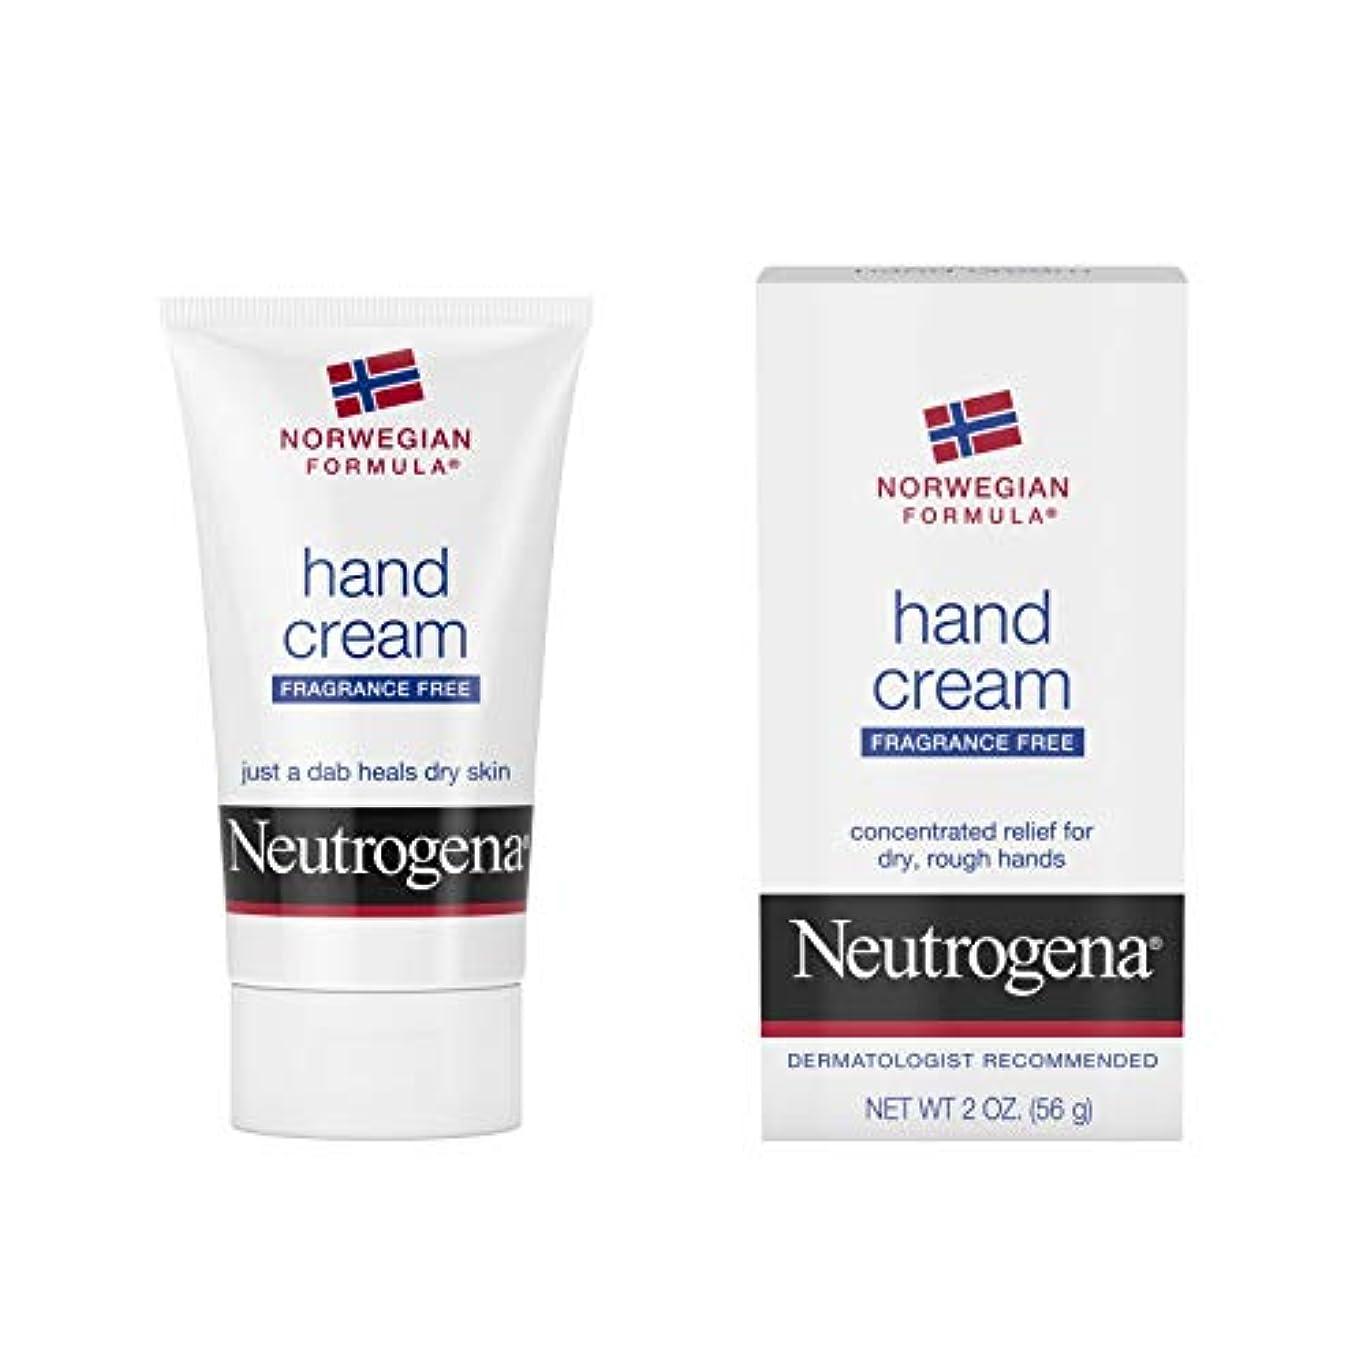 信号薄汚い生息地Neutrogena Norwegian Formula Hand Cream Fragrance-Free 60 ml (並行輸入品)